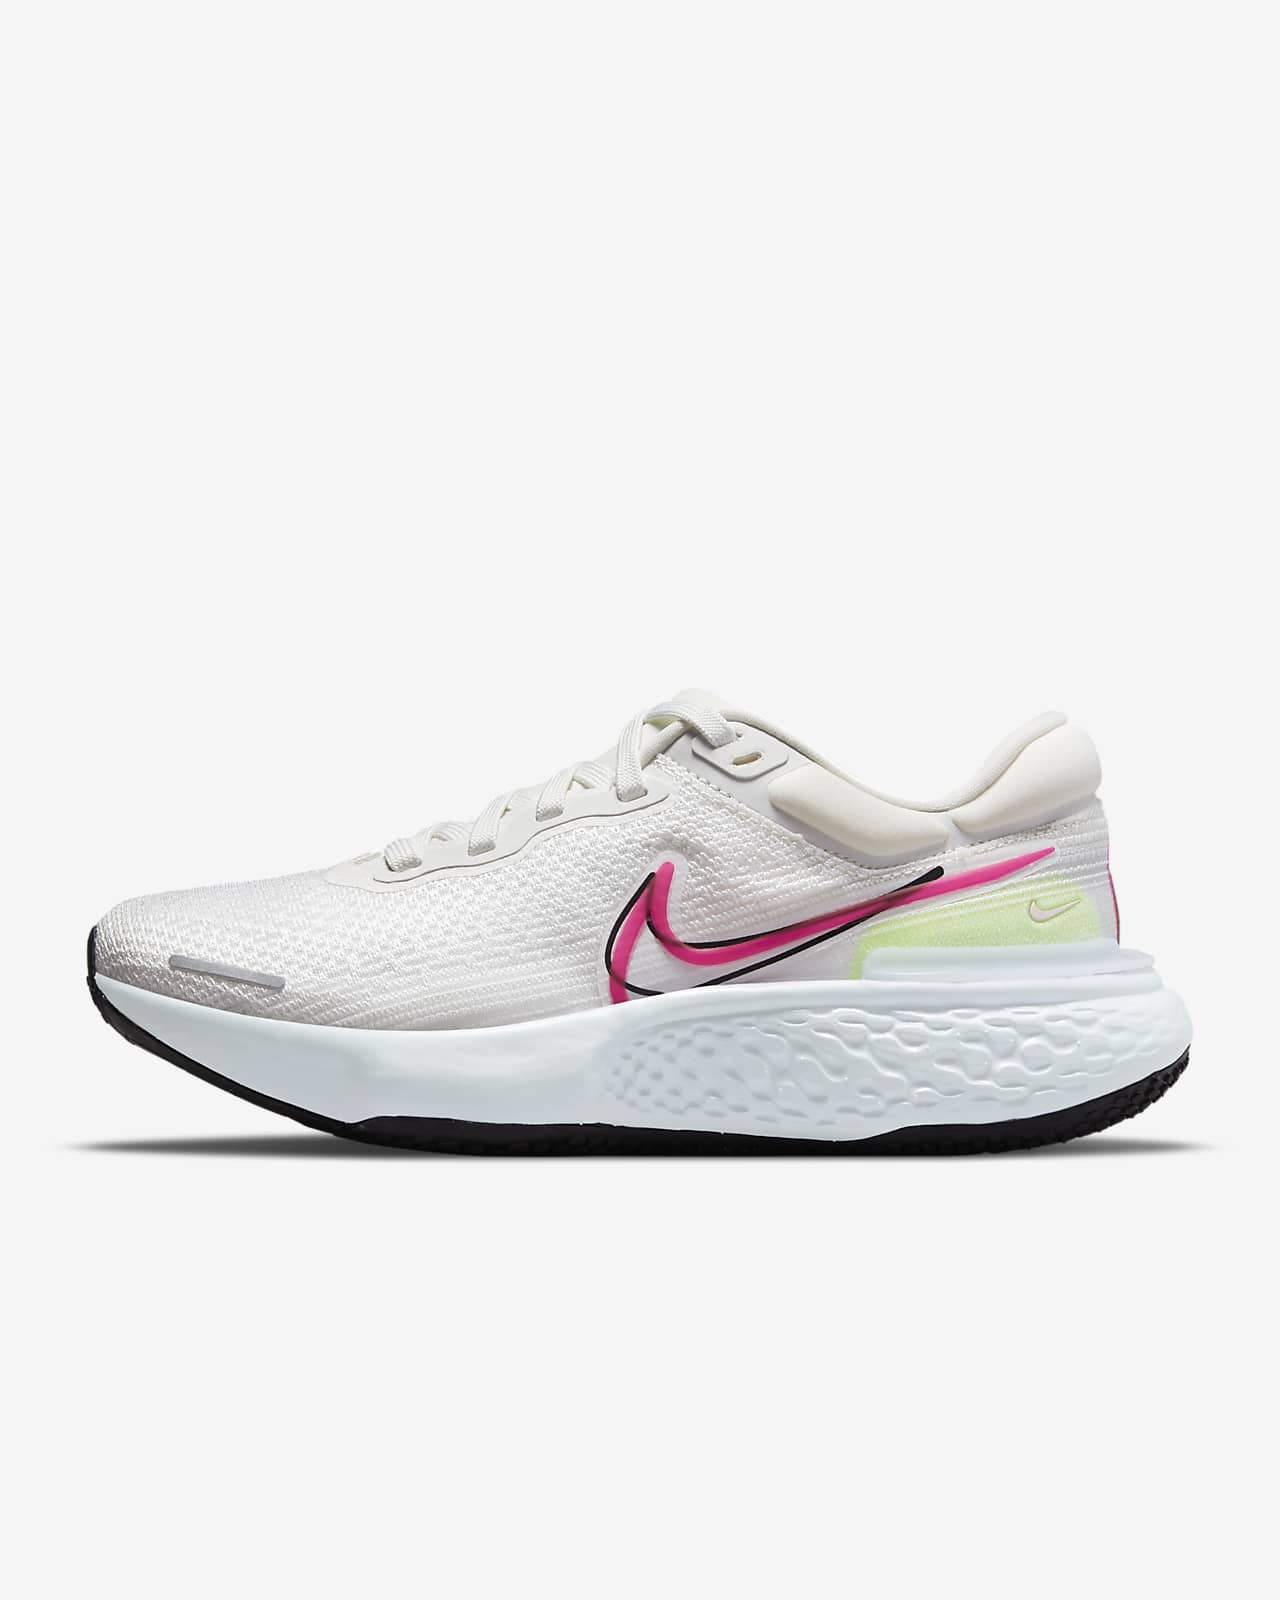 Nike ZoomX Invincible Run Flyknit Women's Running Shoe